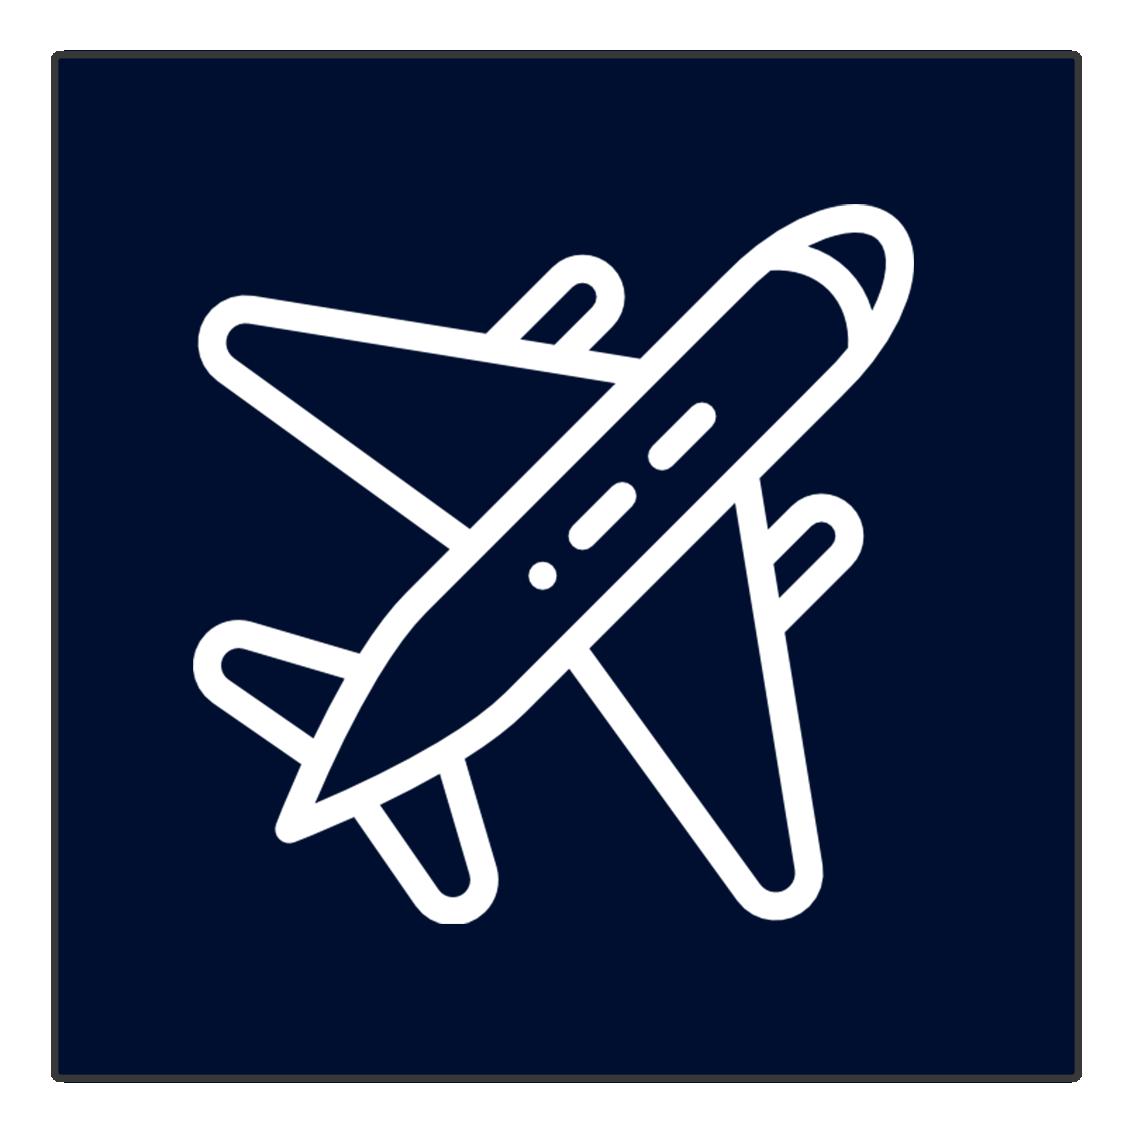 Más de 1000 horas de vuelo